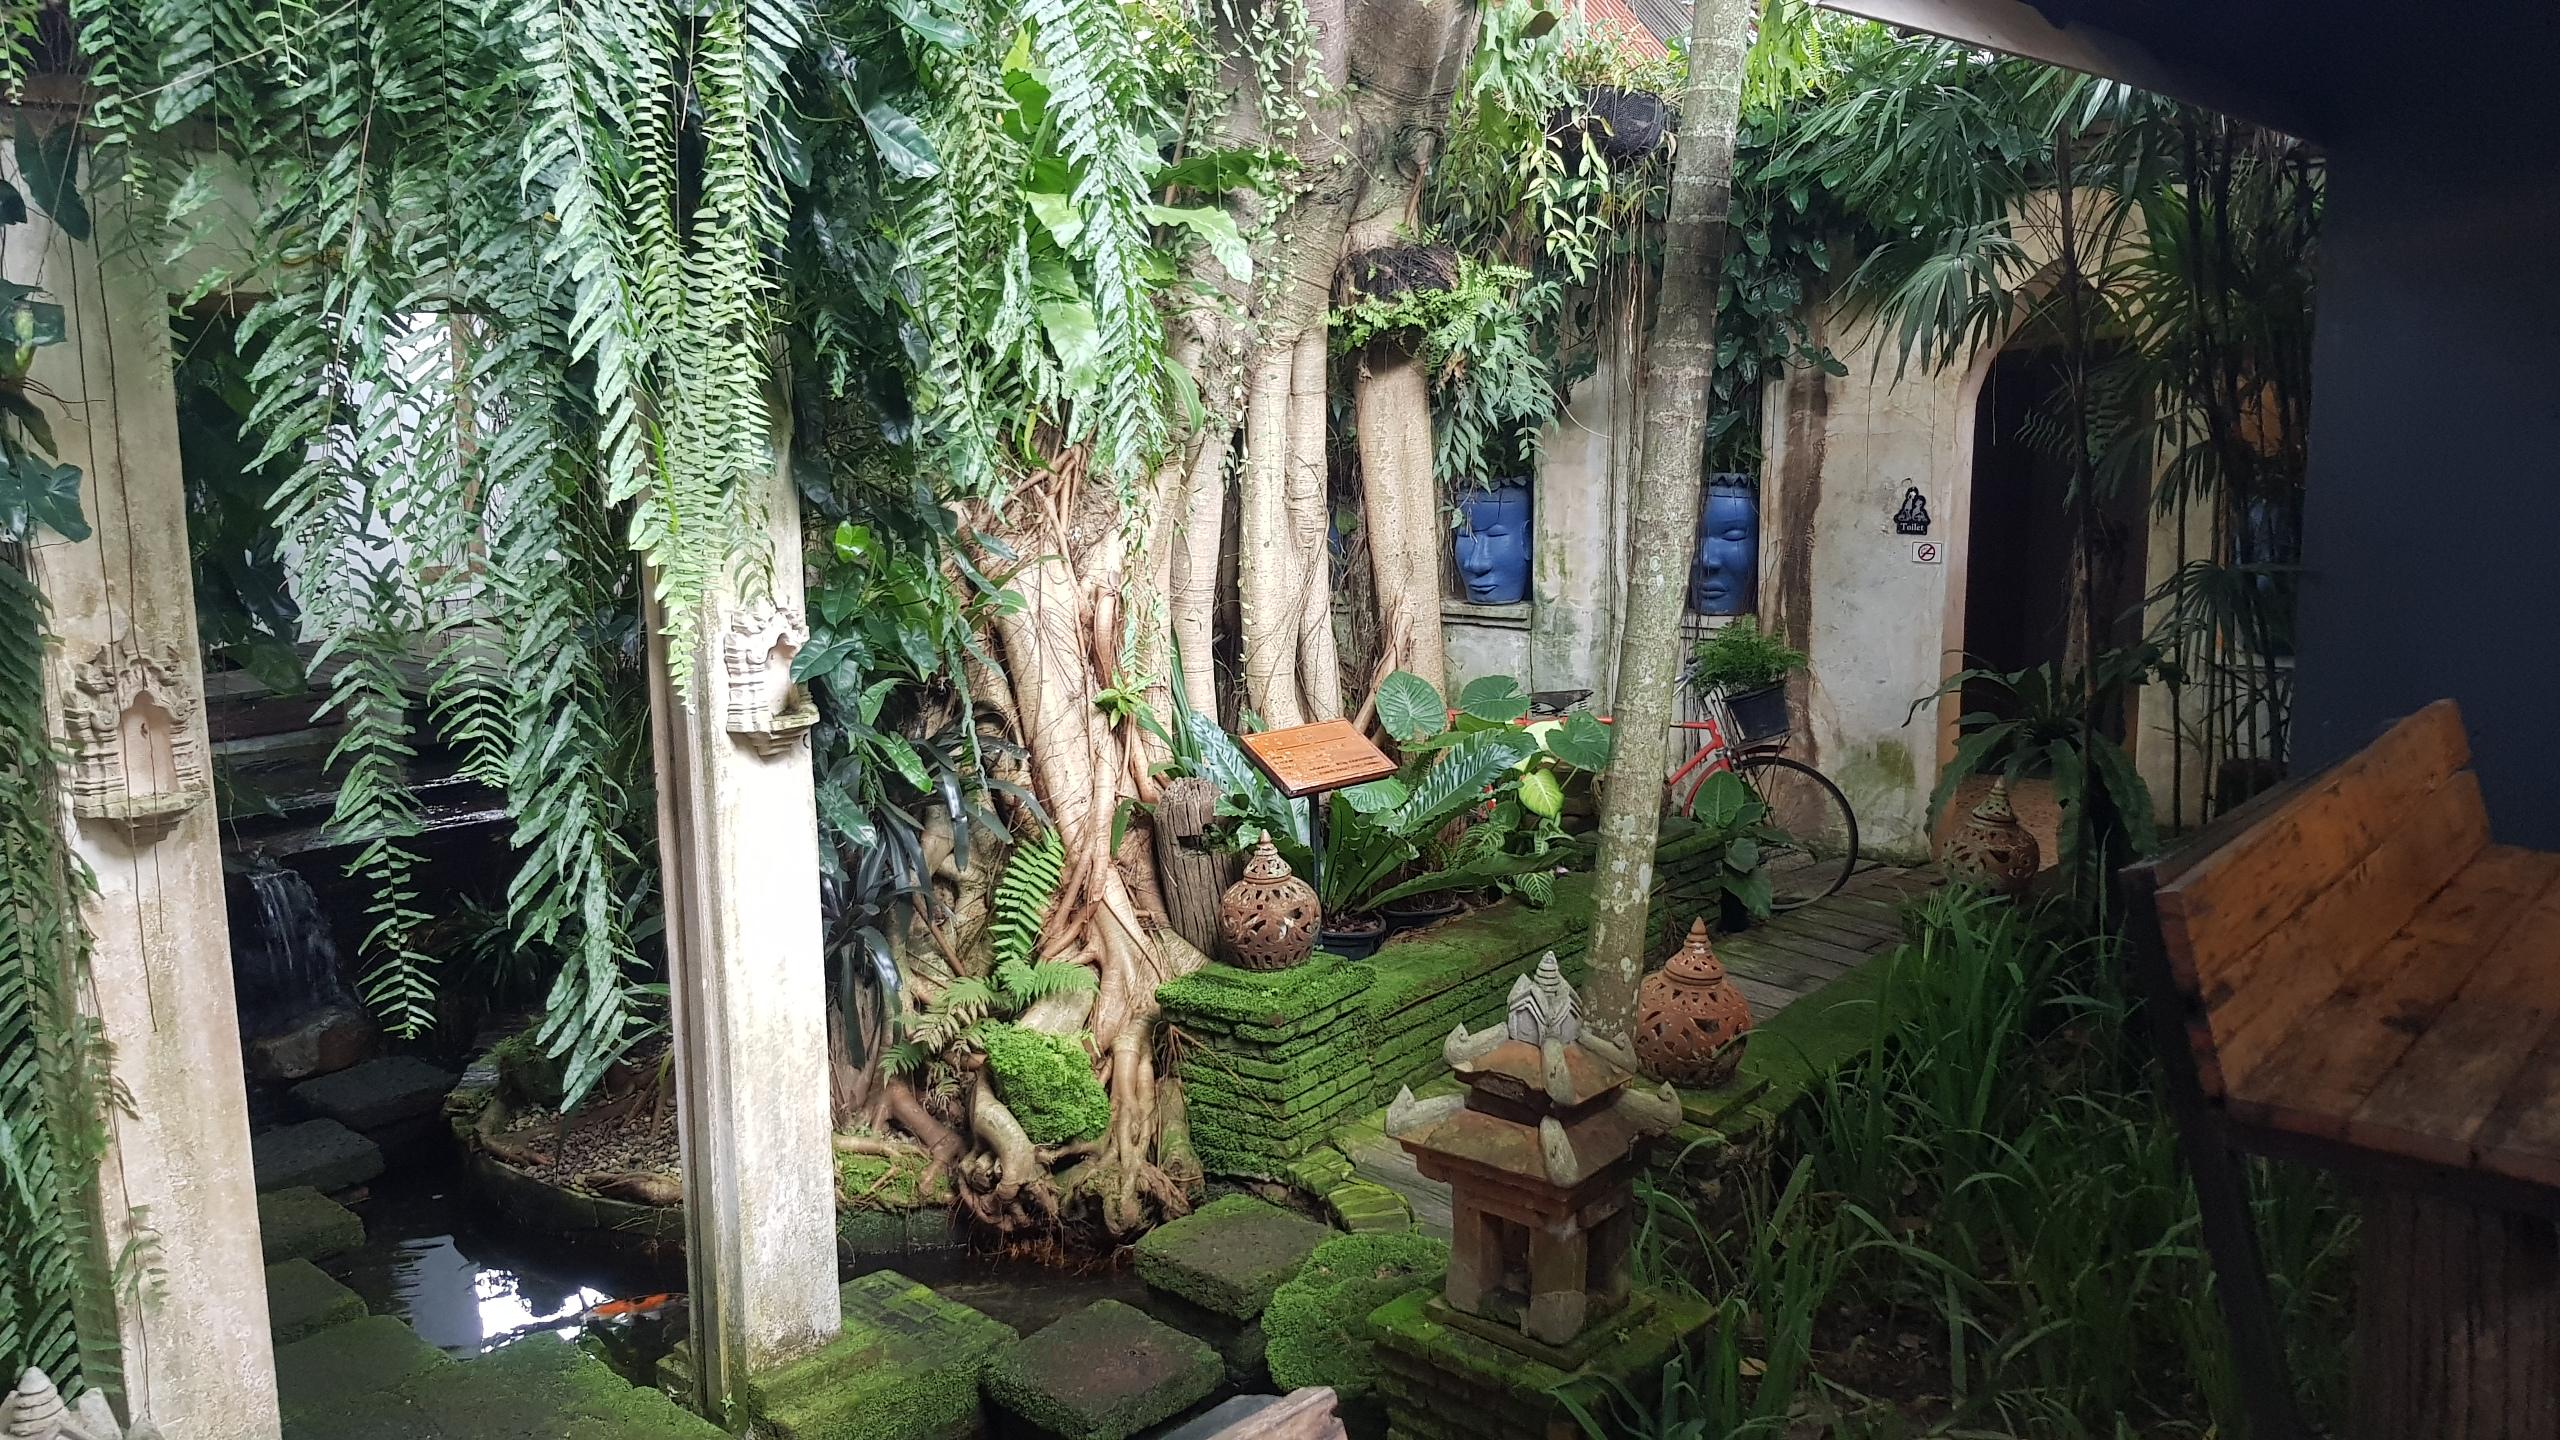 ทางเดินลงไปห้องน้ำ @ Cafe de Oasis ให้ความรู้สึกเหมือนกำลังเดินเข้าป่า